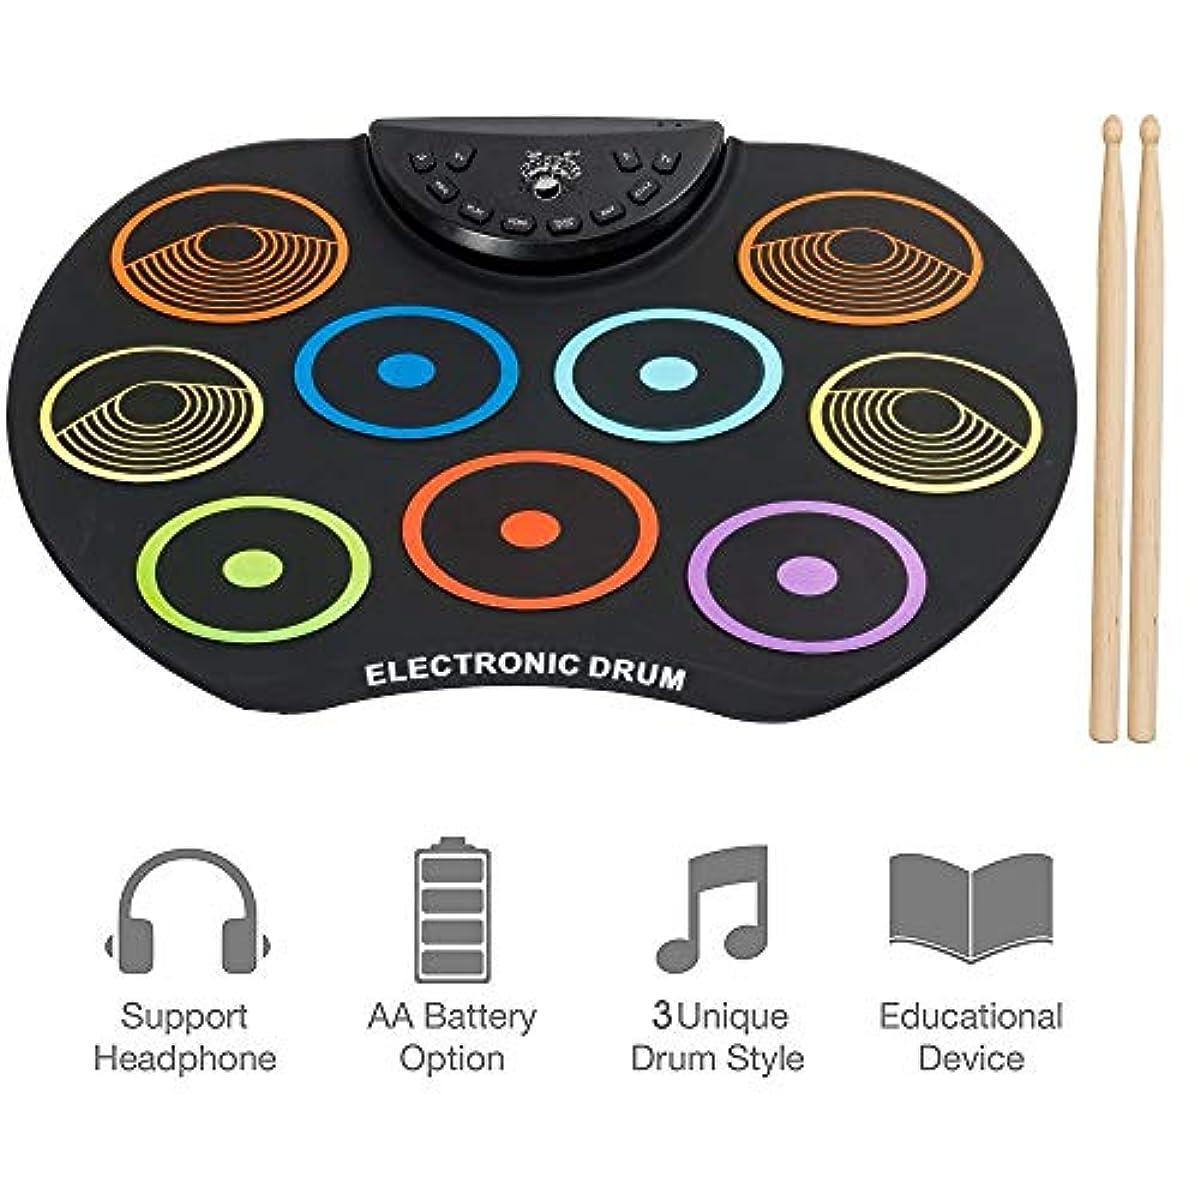 [해외] 디지털 전자 드럼 키트-9 패드 포터블 전자 롤업 드럼 실리콘 접는식 연습 기구 풋 페달 & 아이를 위한 드럼 스틱,초심자